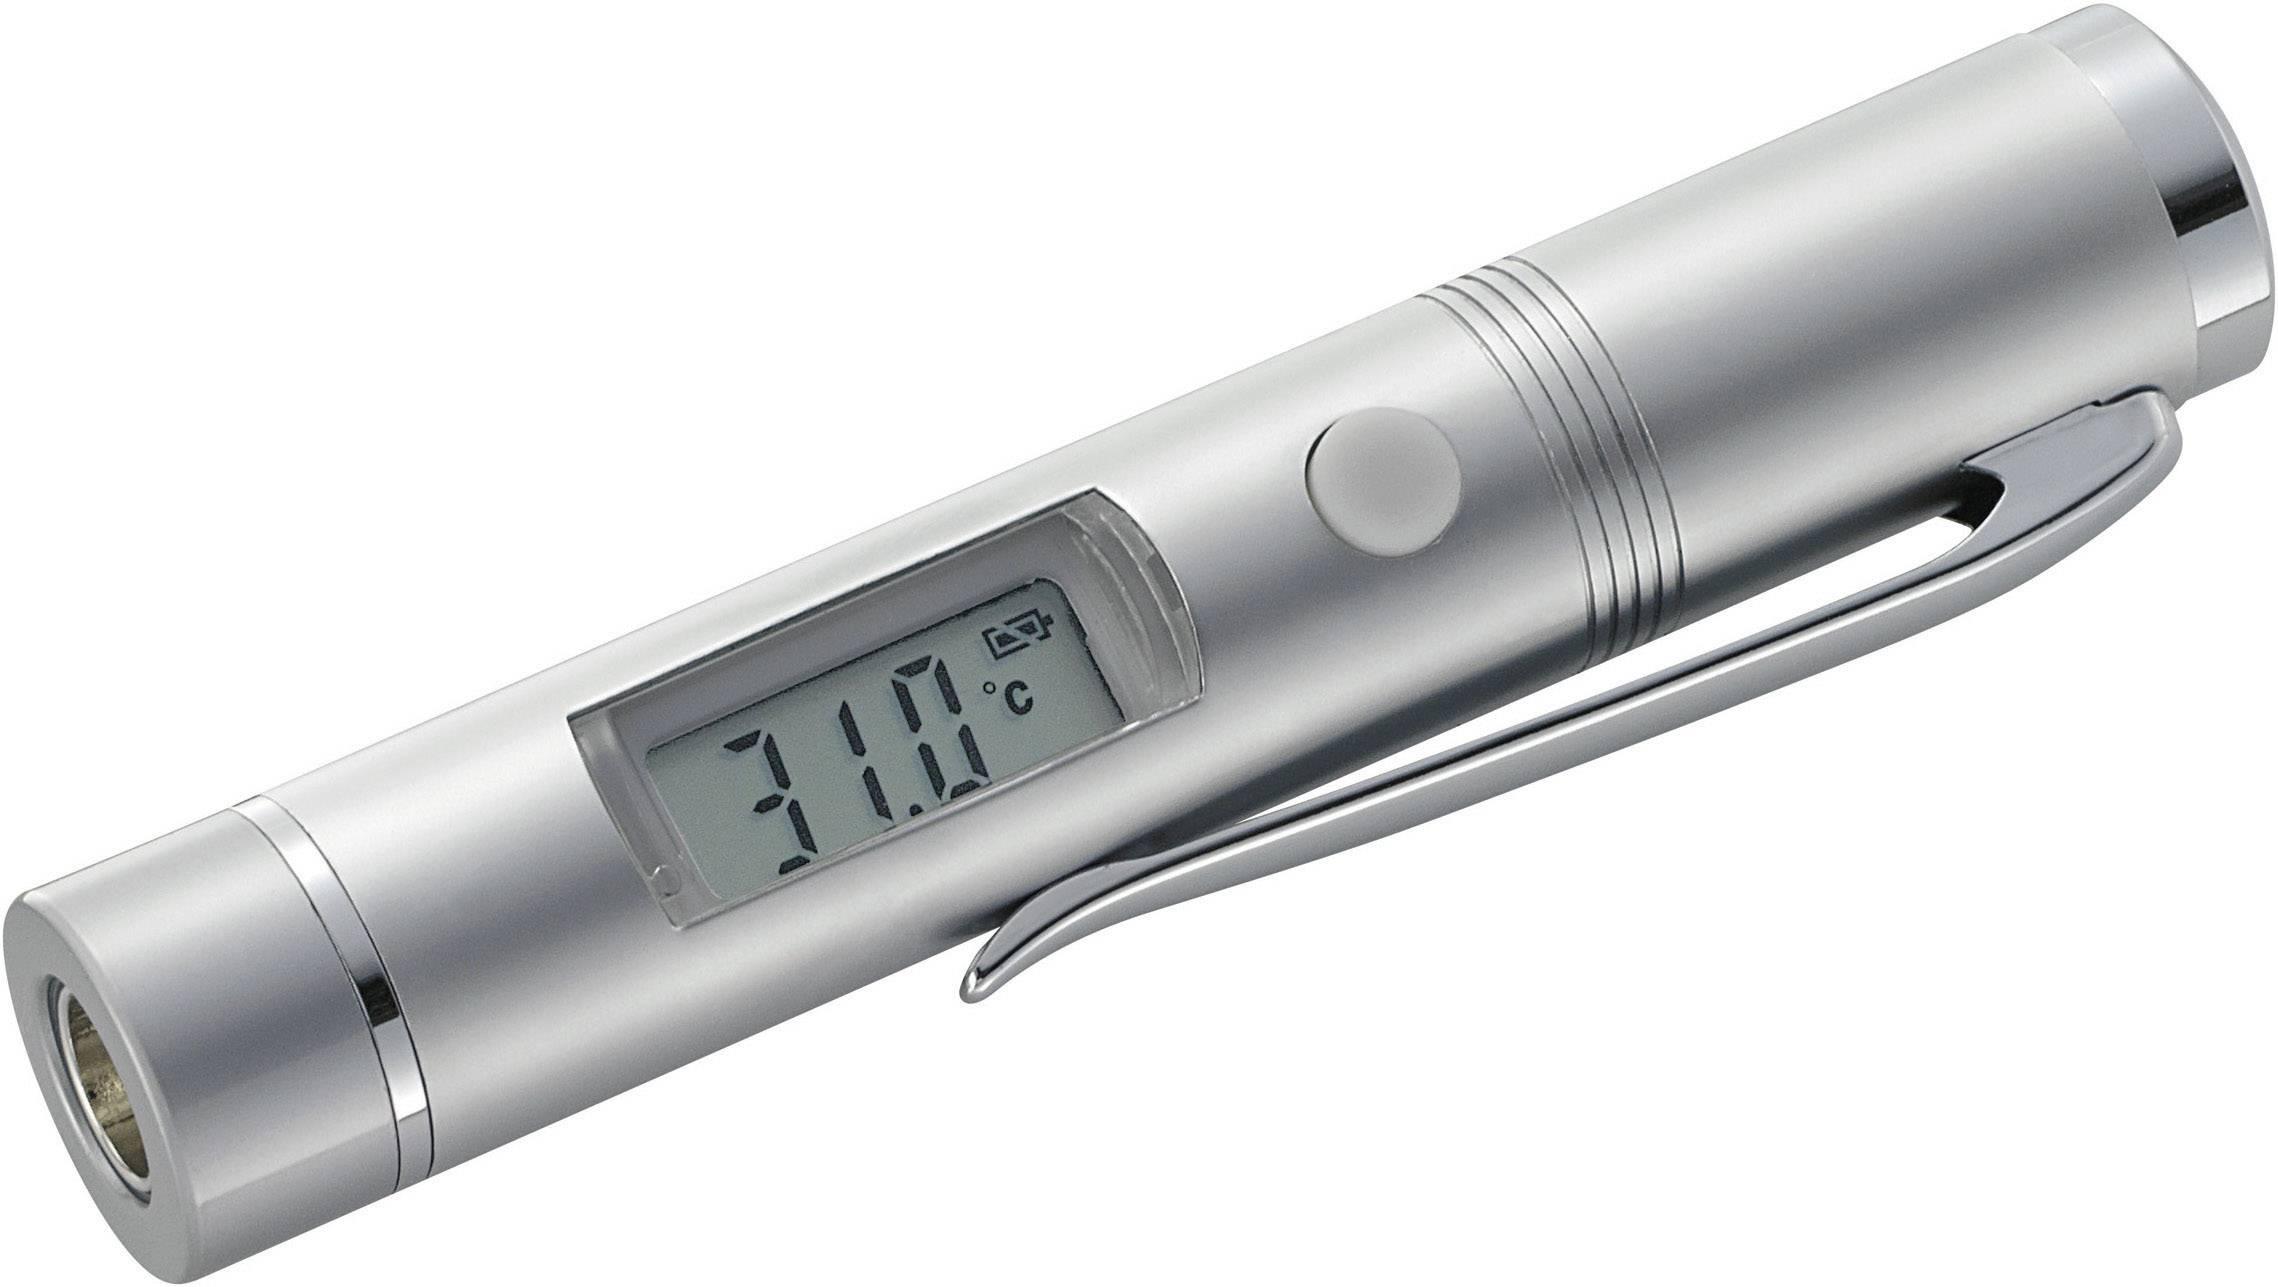 Infračervený teploměr Basetech, MINI 1, -33 až +220 °C